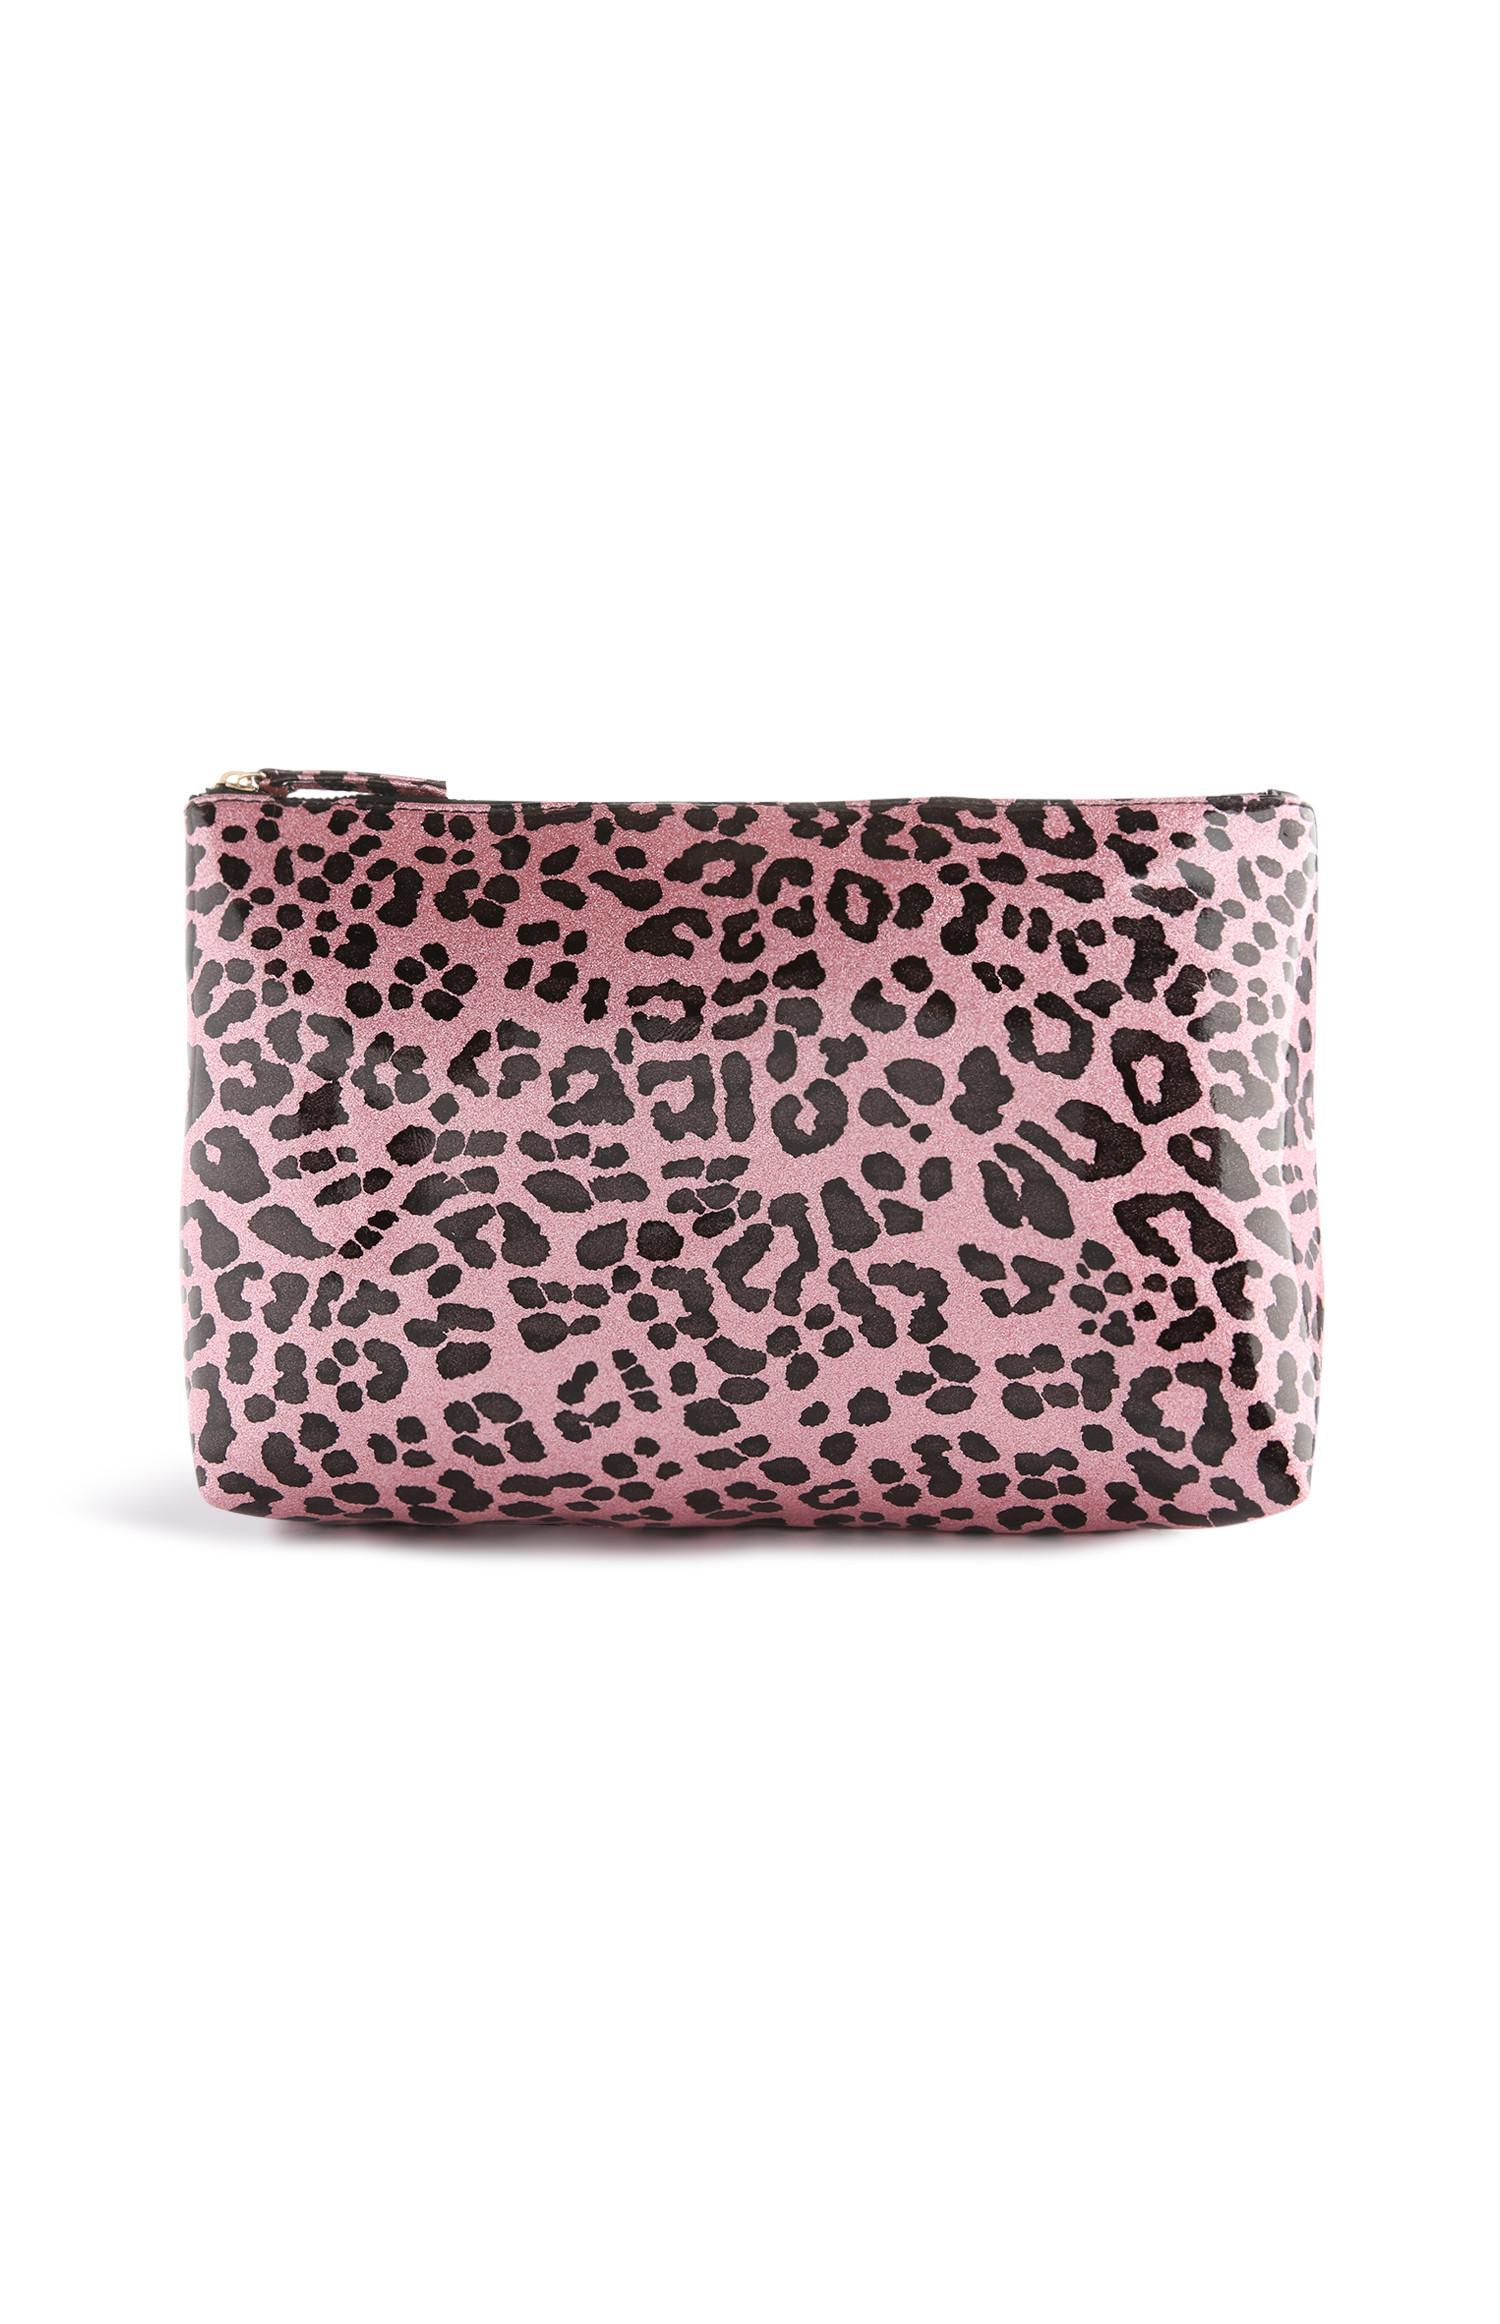 26de8ad3ed4c73 Pink Leopard Print Make Up Bag | Makeup bag | Bags purses | Womens ...